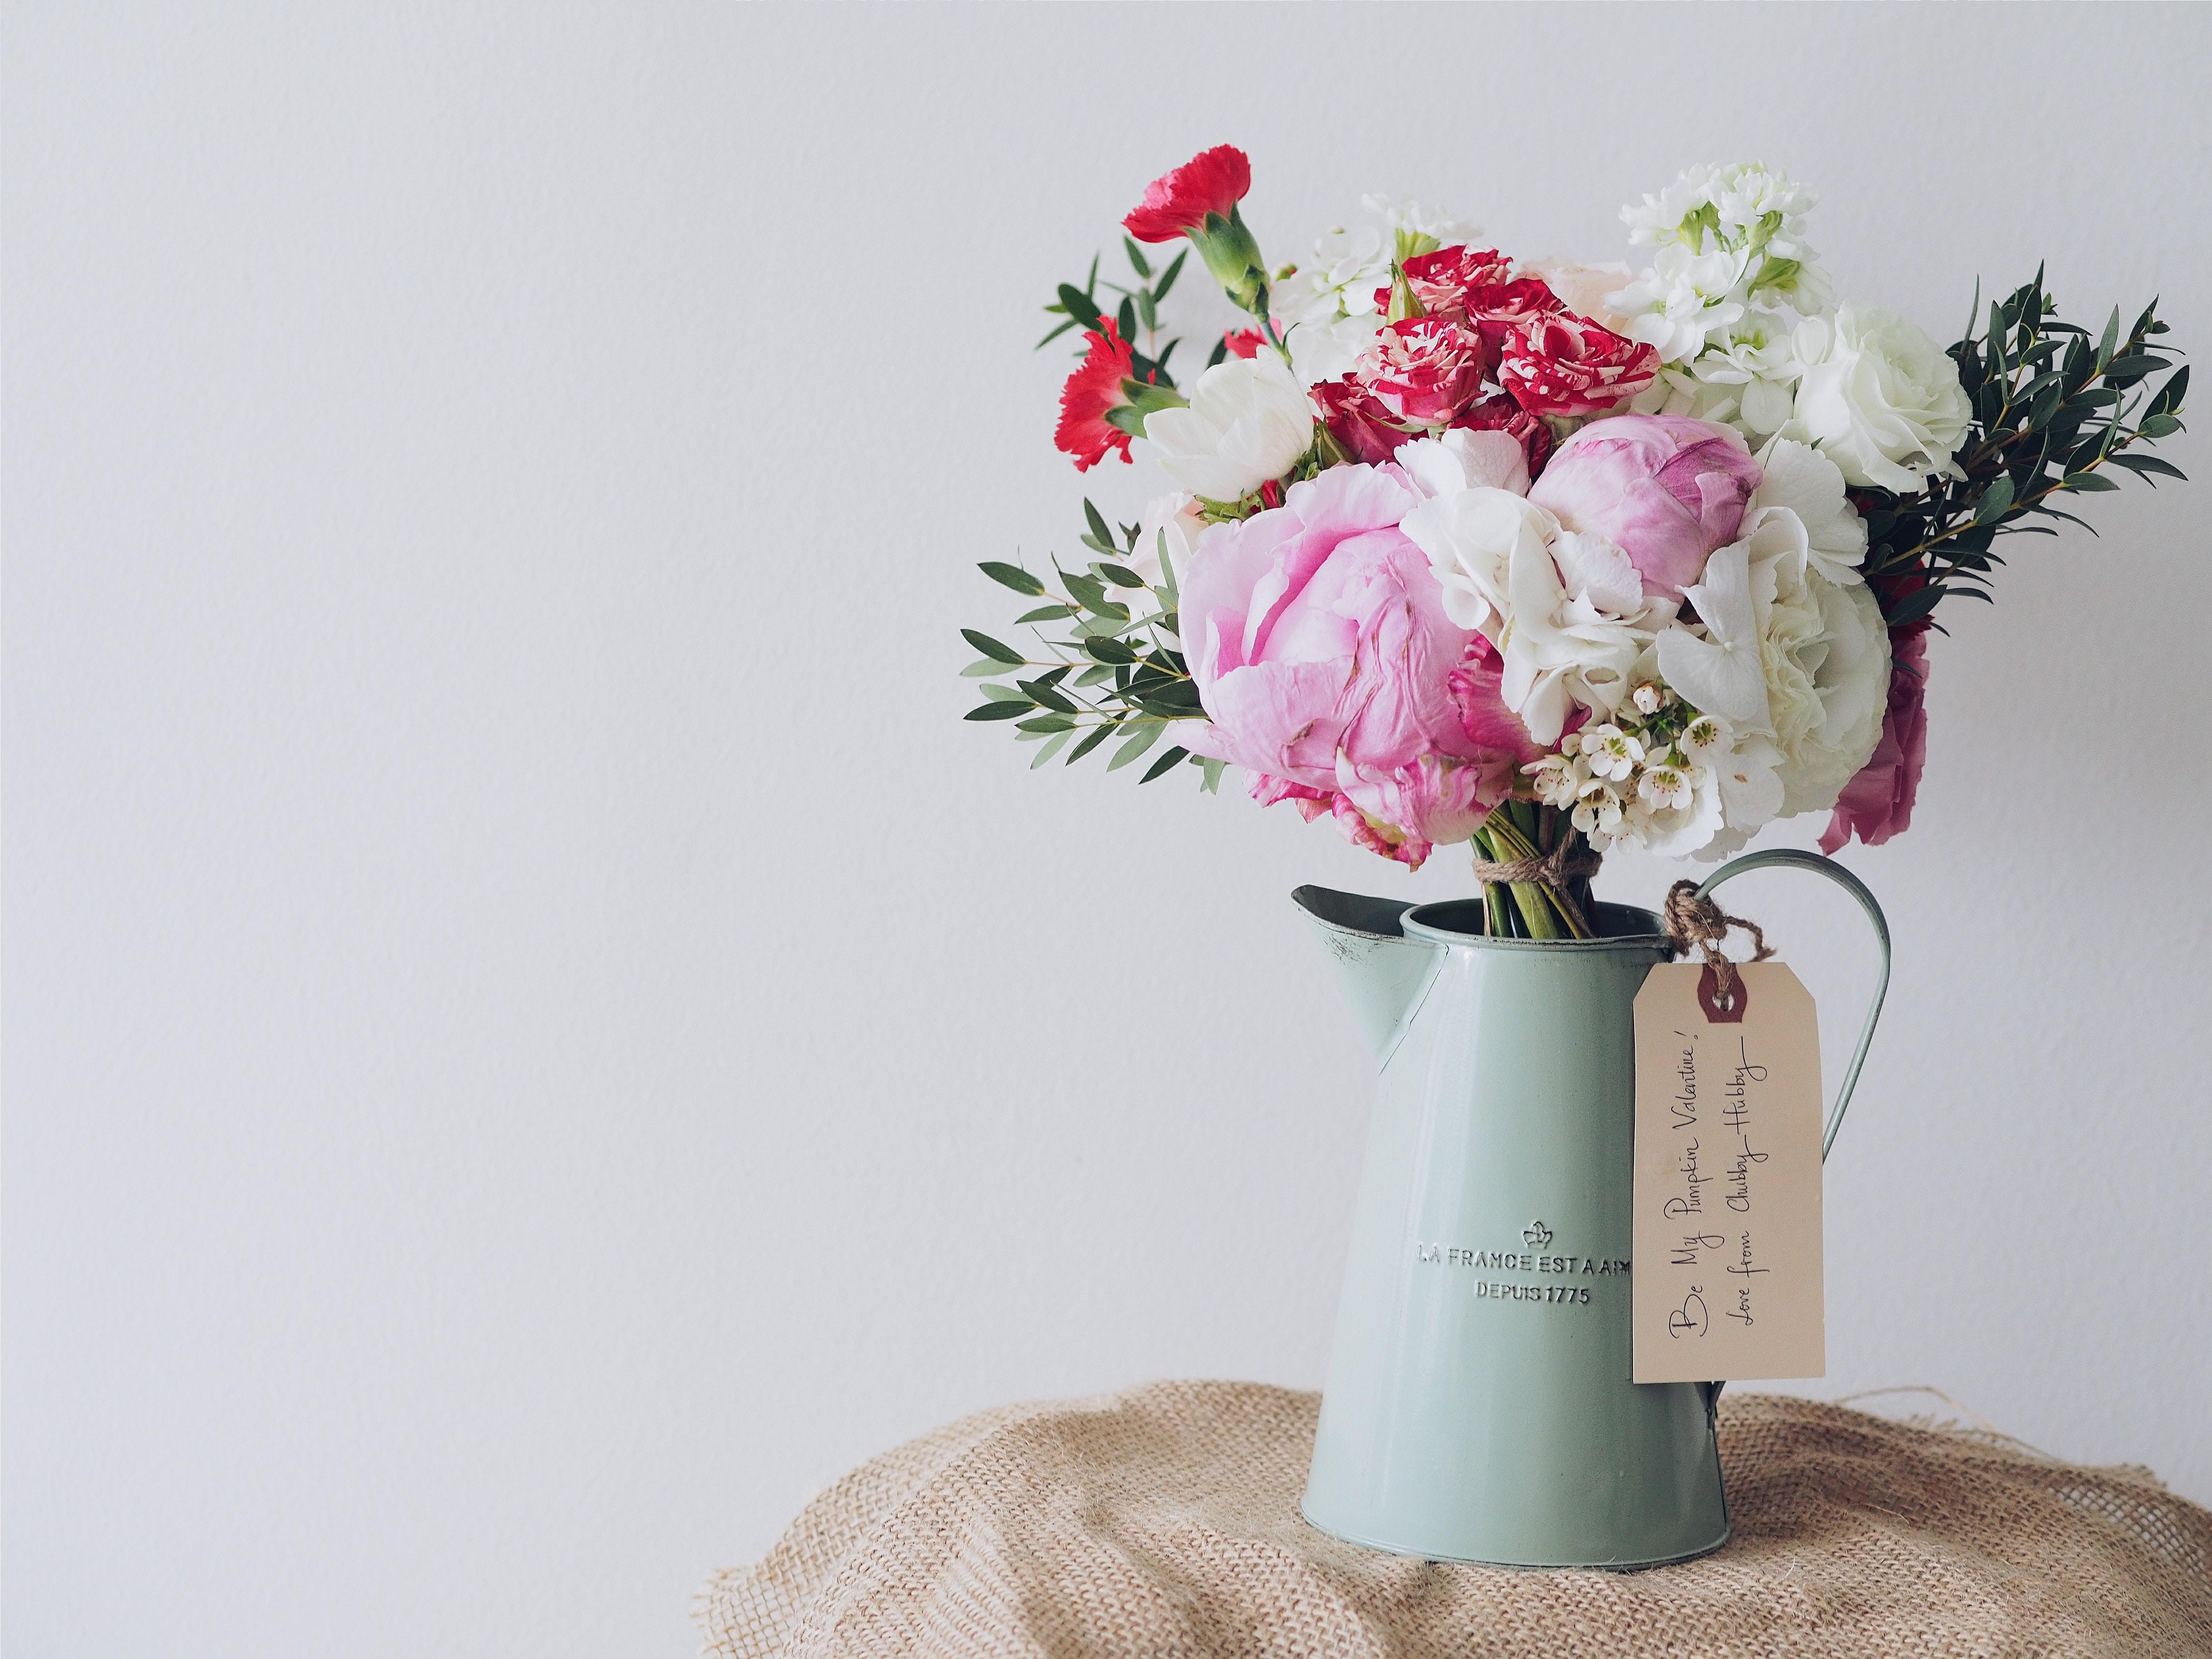 floral bouqeut